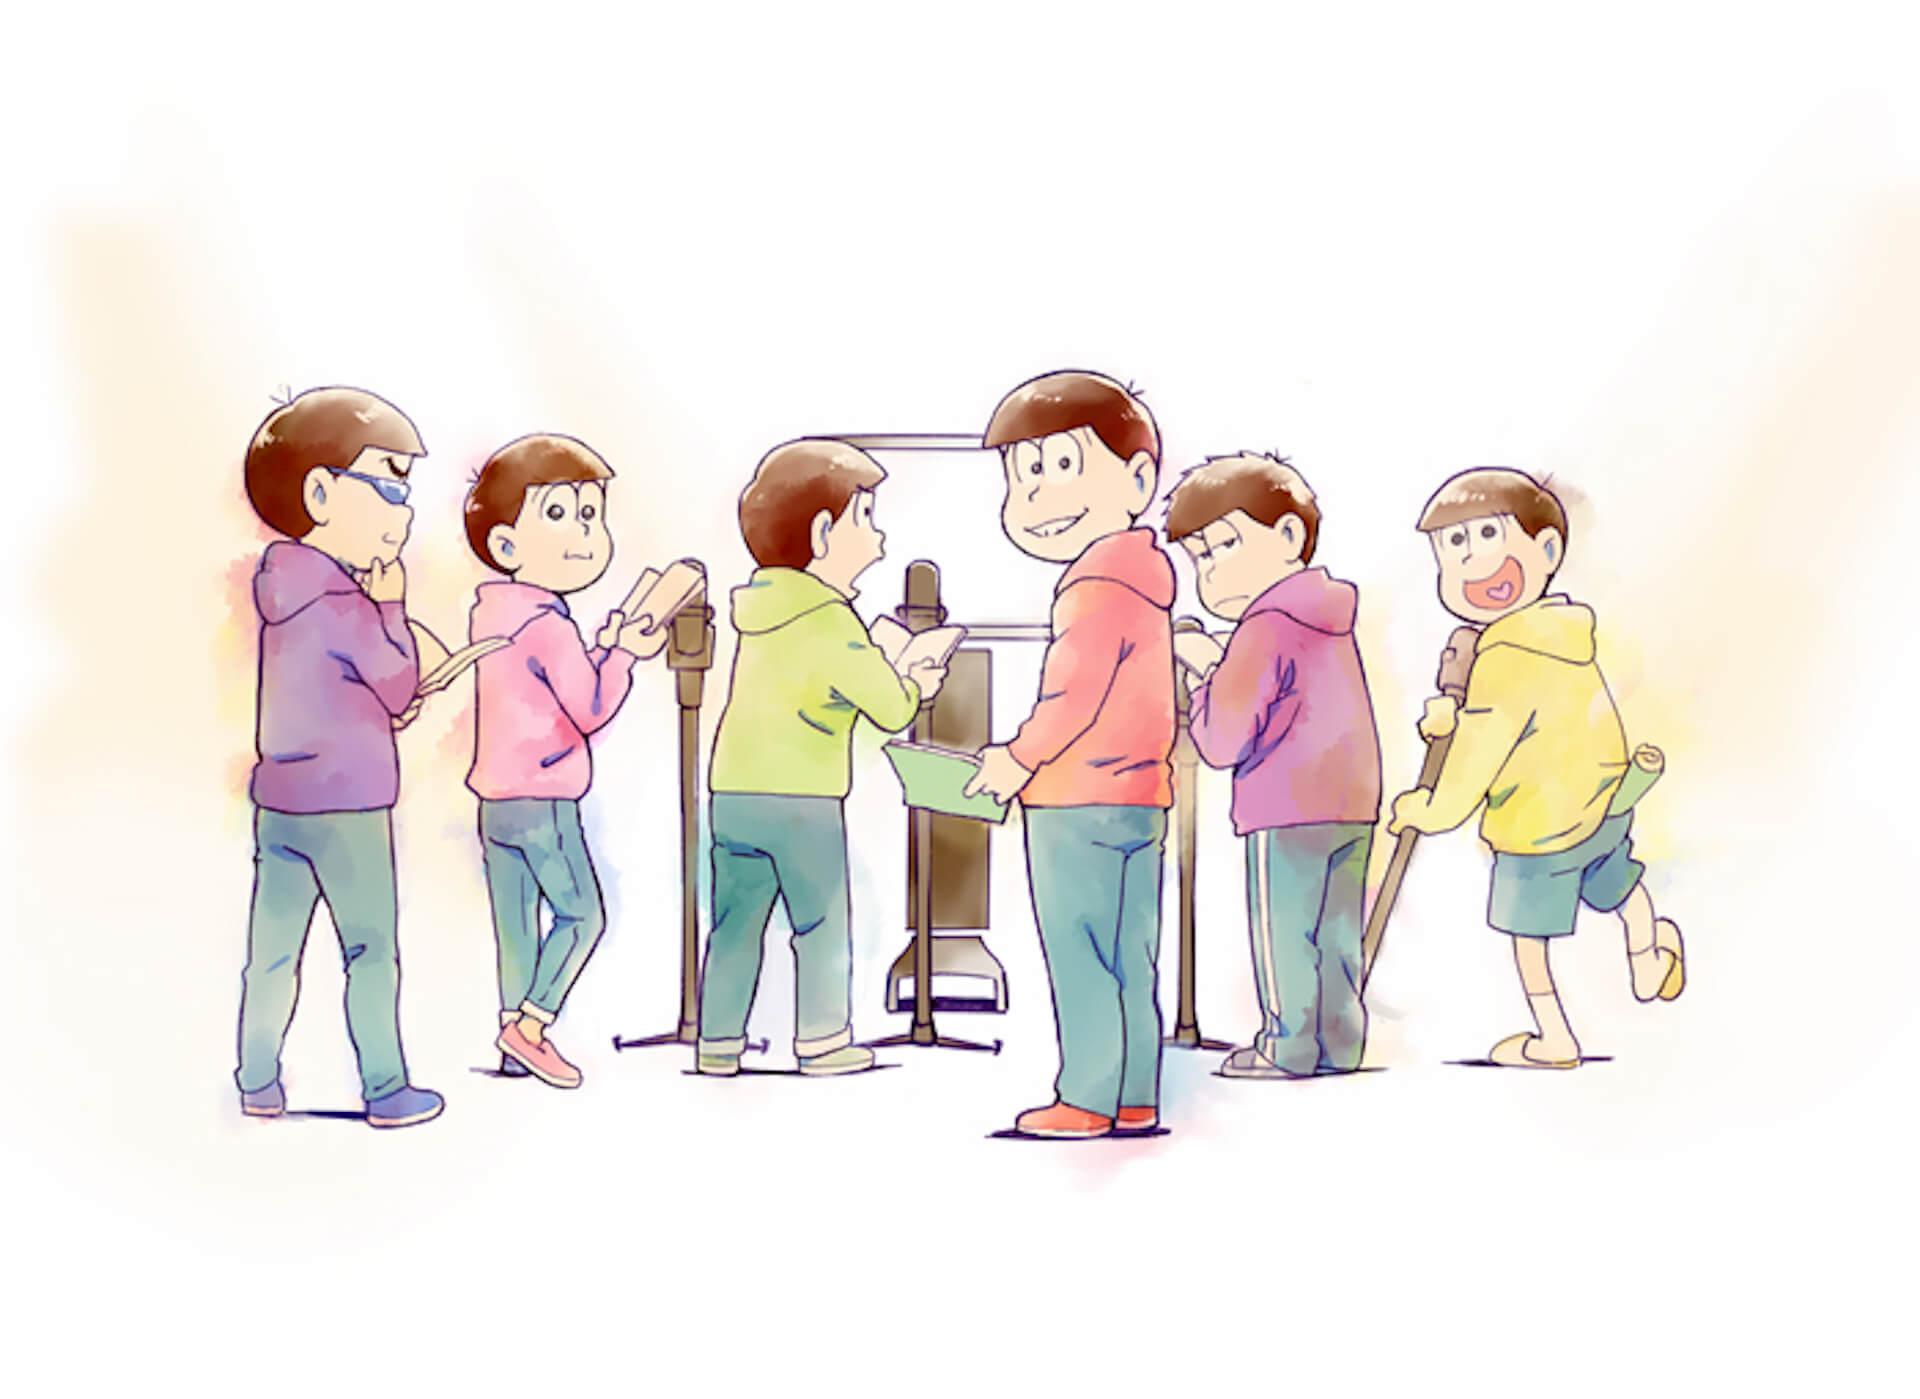 まさか!TVアニメ『おそ松さん』第3期が放送決定|豪華6つ子声優陣によるマイナス発言だらけの特別映像も解禁 art200706_osomatsusan_1